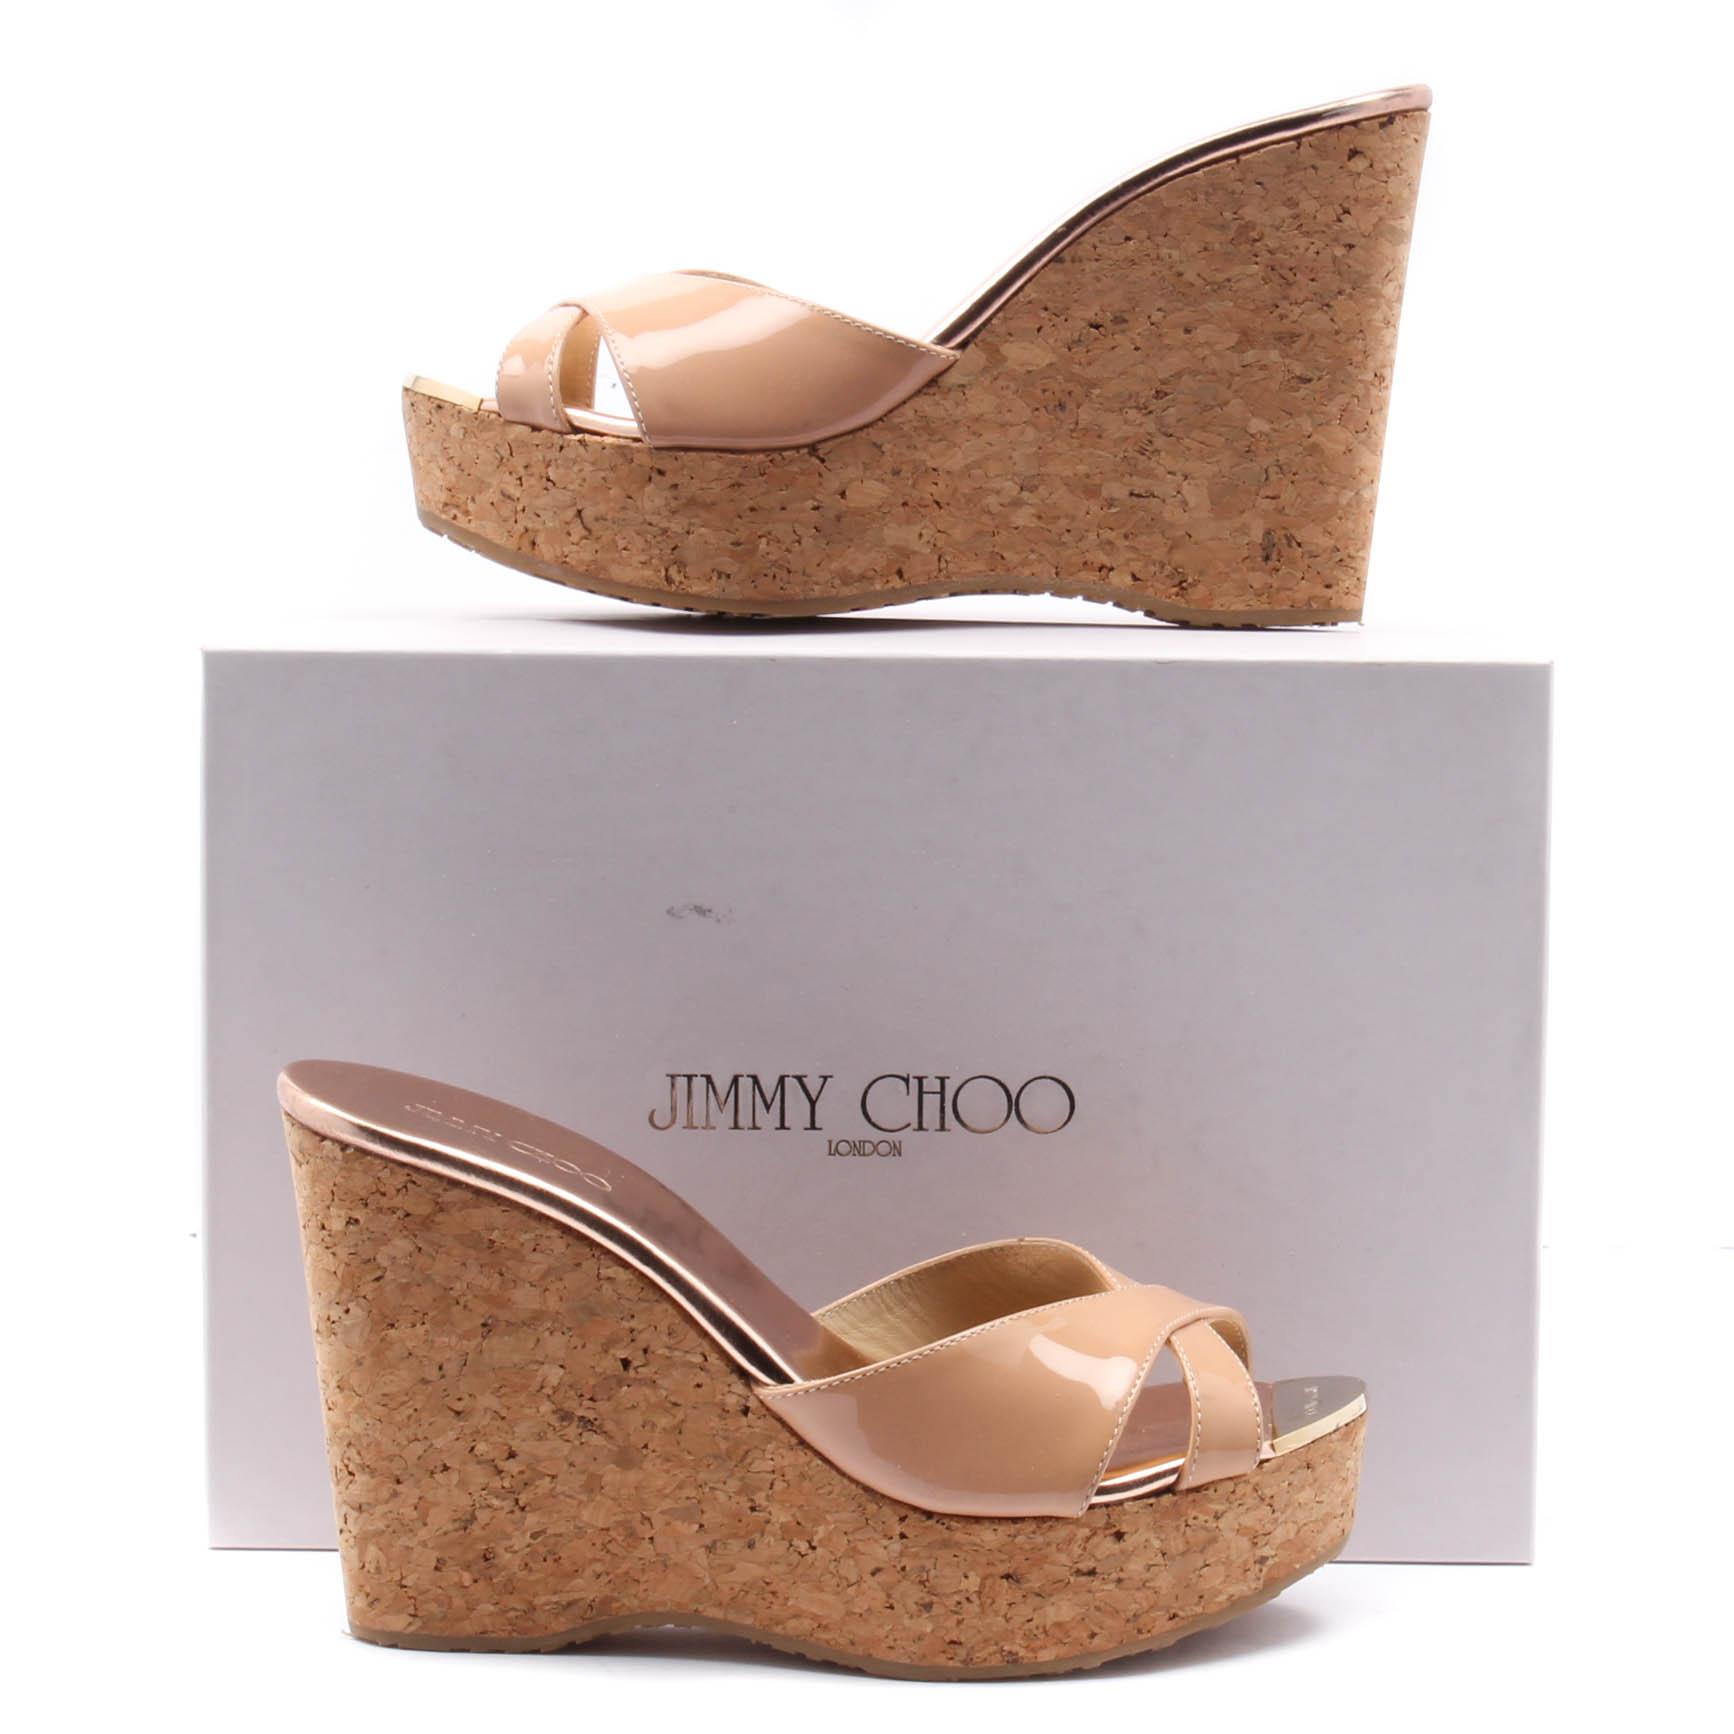 Blush Jimmy Patent Wedge Sandals Cork Choo Leather Heel 5L4cARjS3q